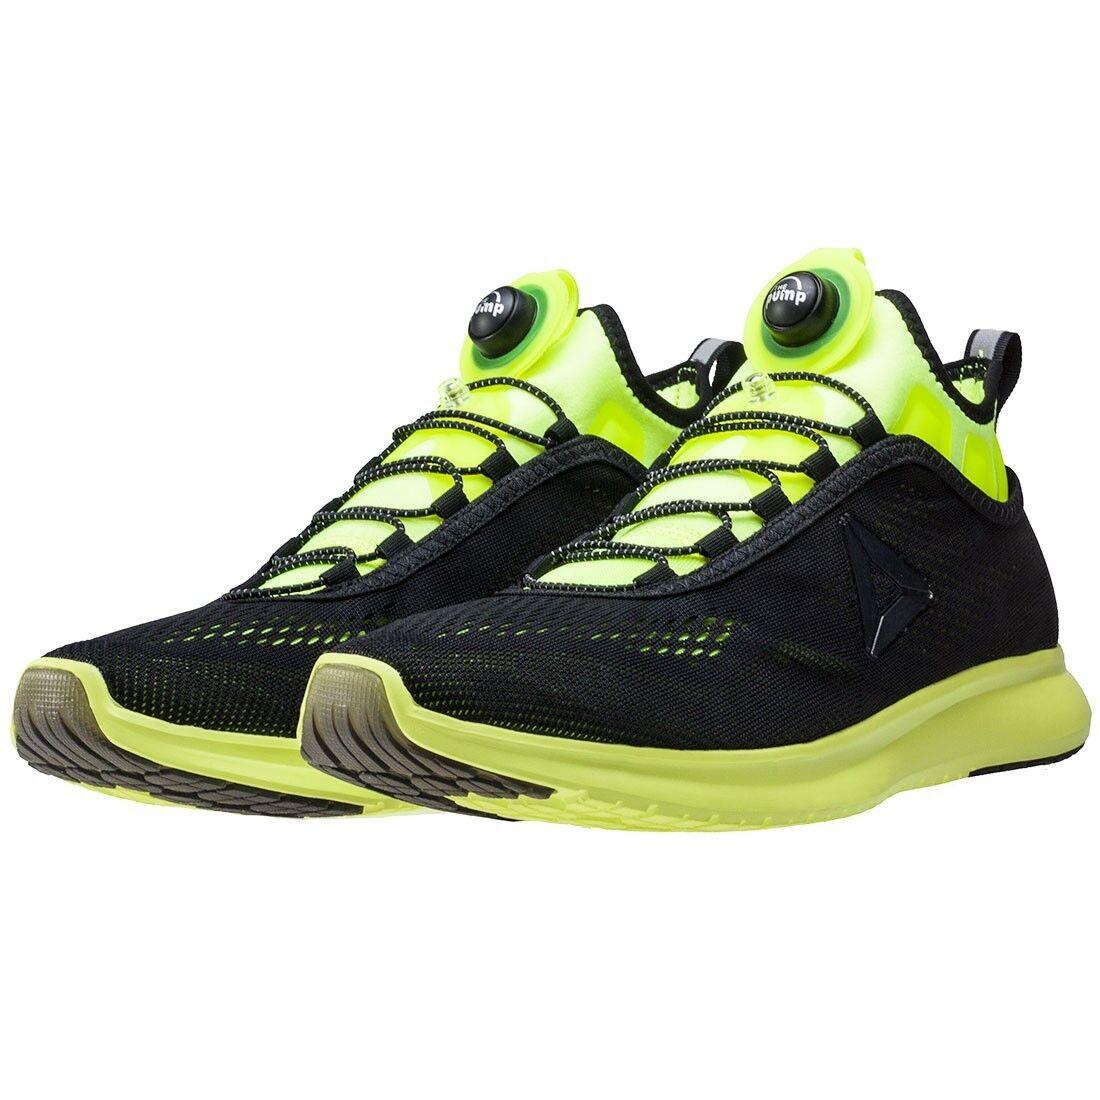 Reebok Pump Plus Tech Black Training Lime Mens Shoes Training Black Sneakers BD4864 NEW 872b53